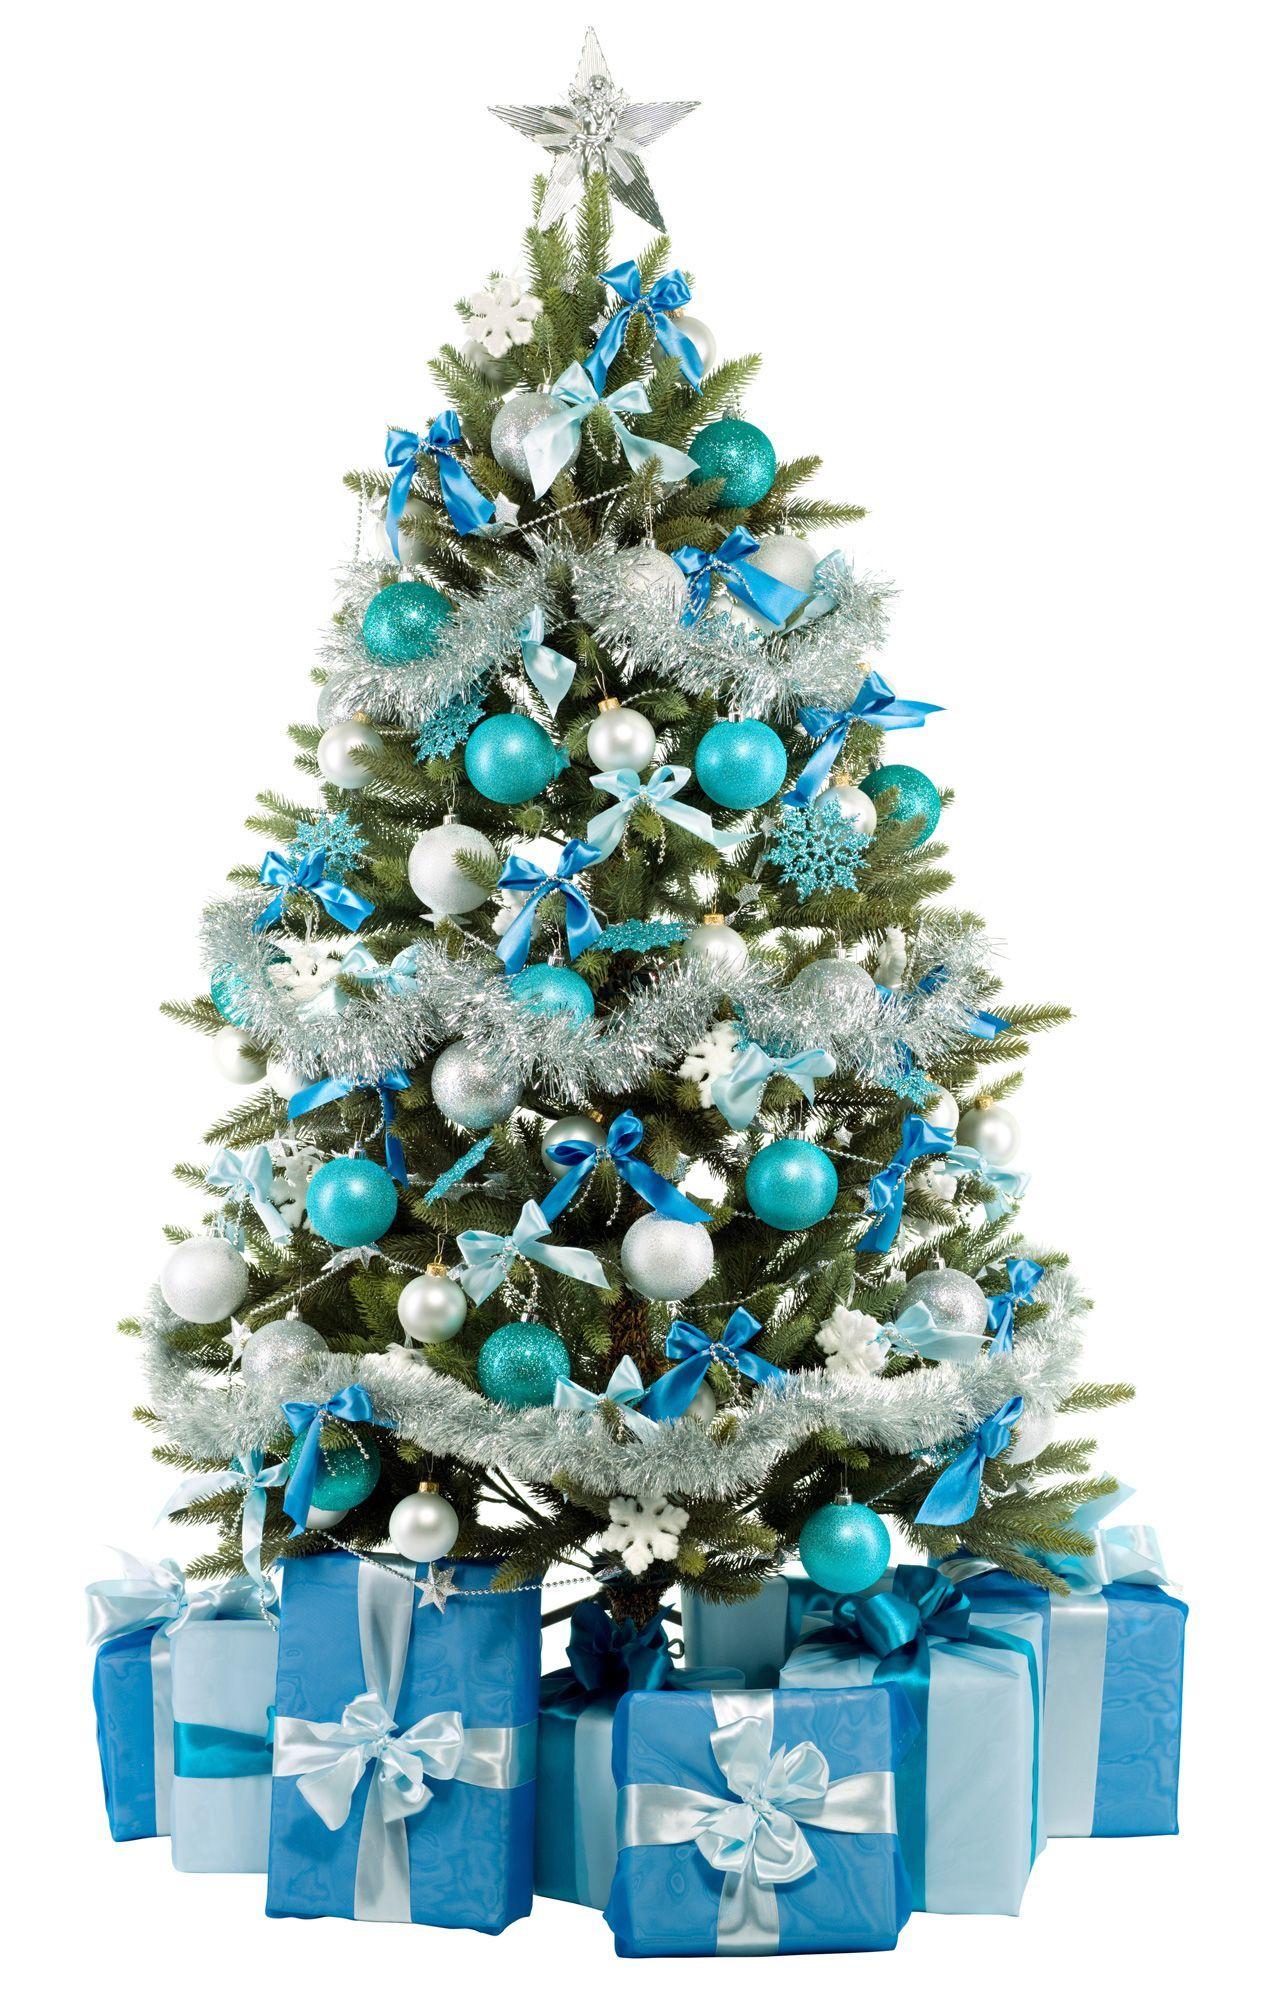 Decorar un rbol de navidad verde en tonos azules - Decoracion arboles navidenos ...